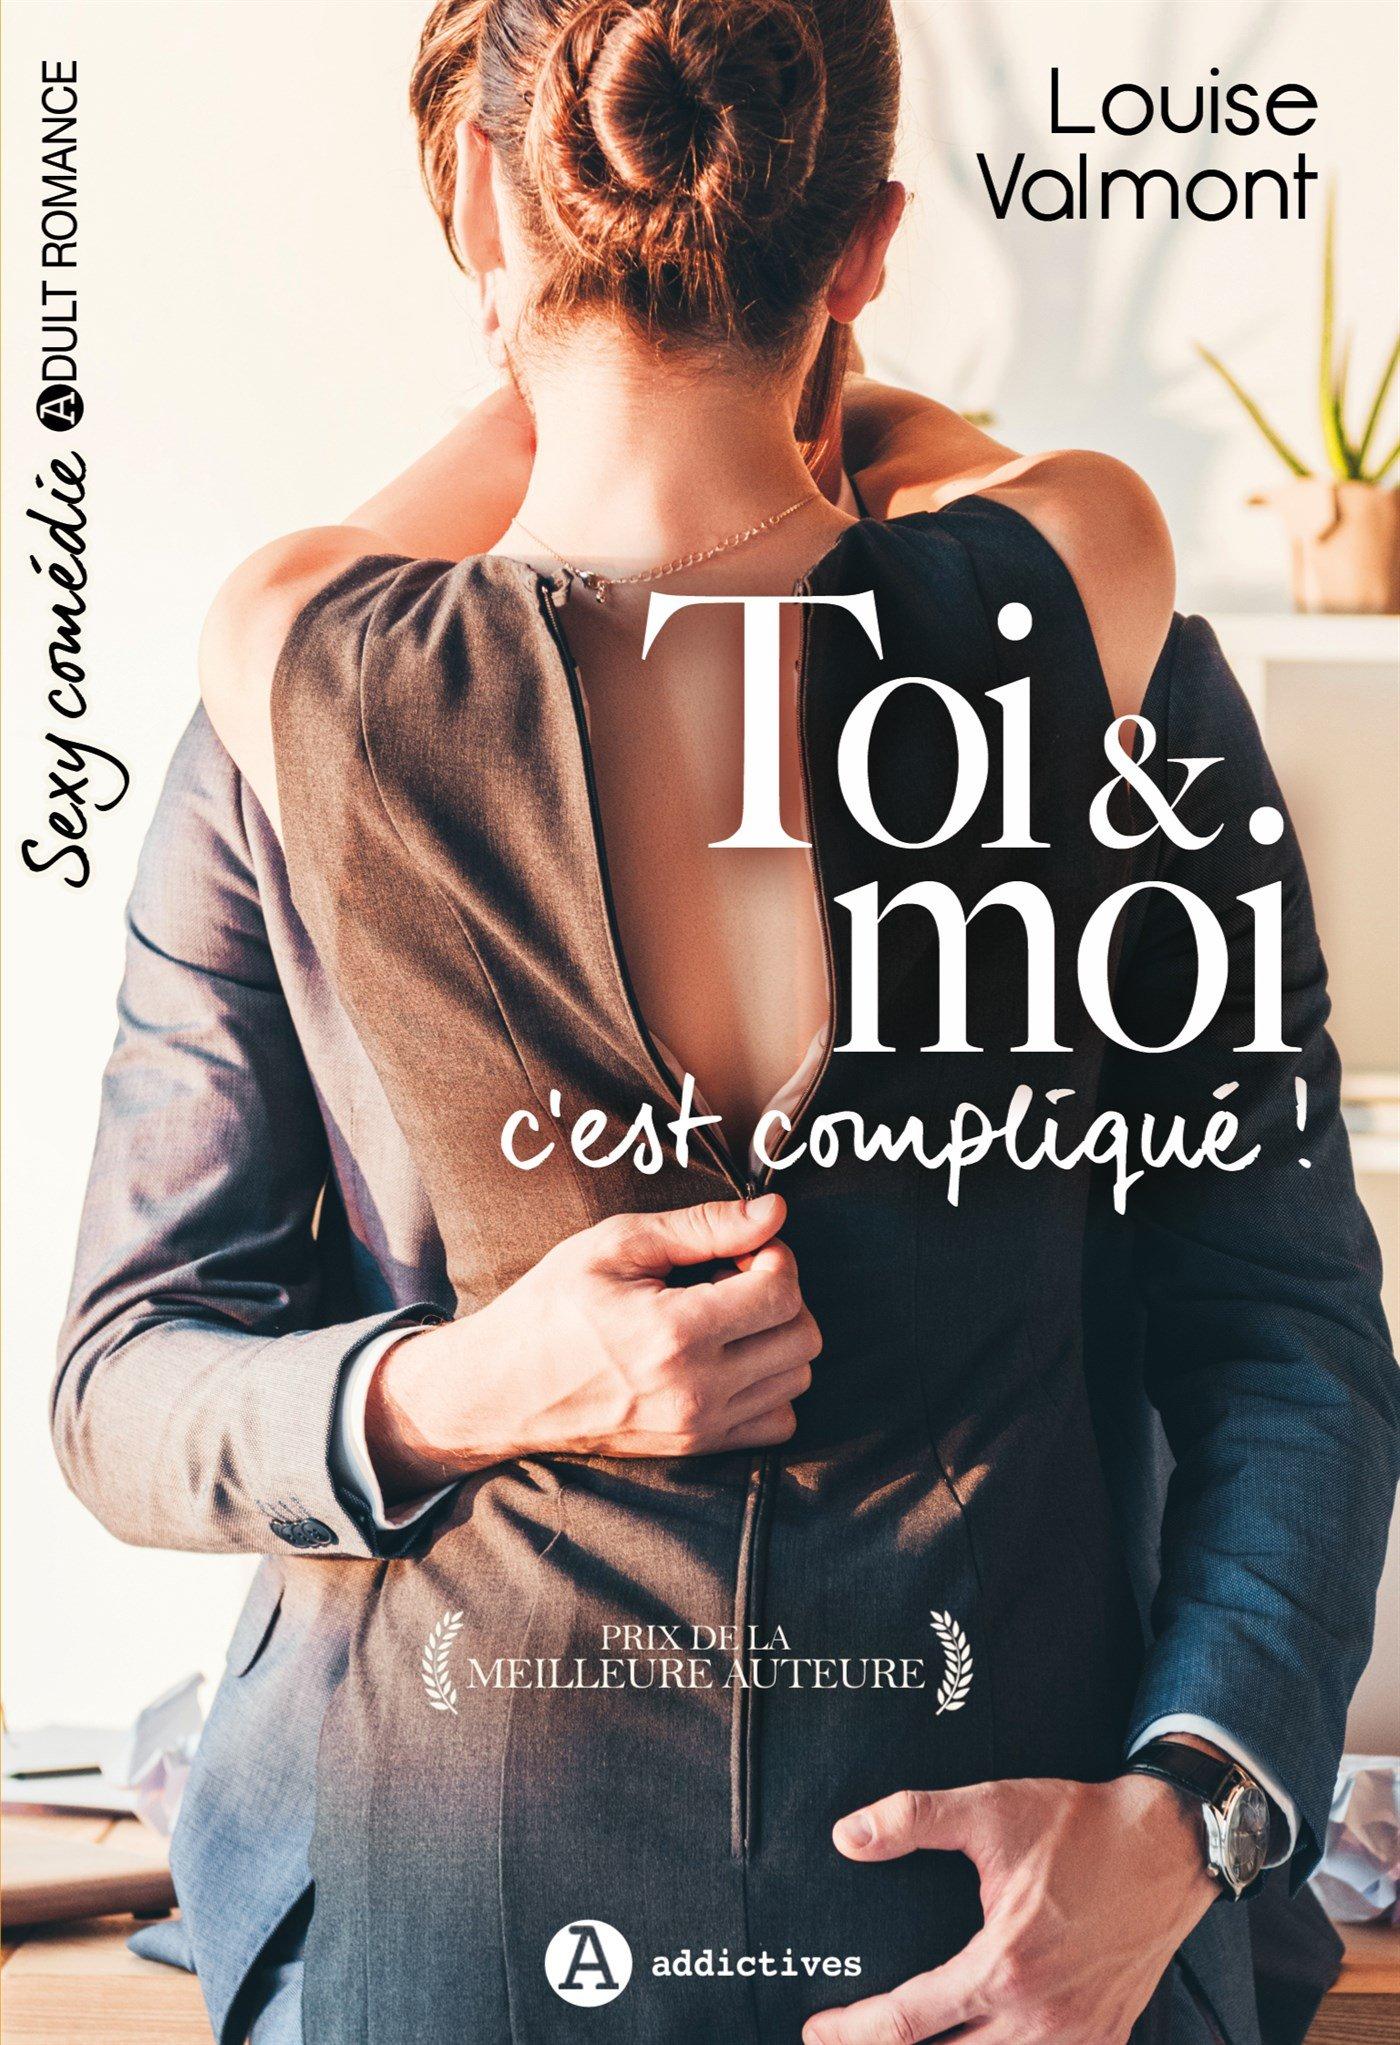 Toi & moi, c'est compliqué ! Broché – 18 janvier 2018 Louise Valmont c'est compliqué ! ADDICTIVES 2371261890